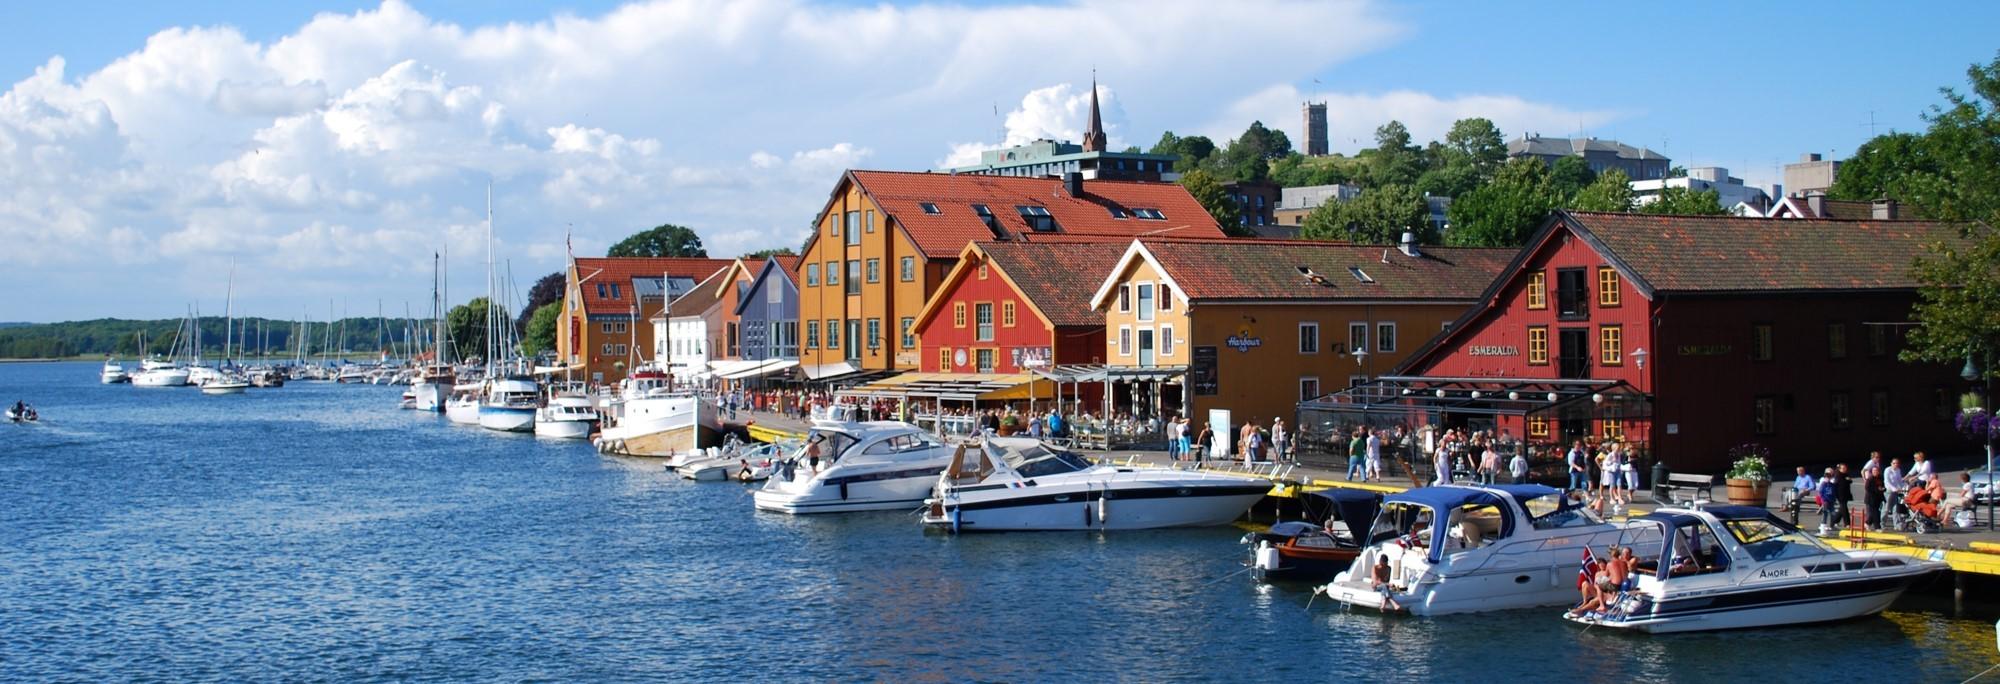 Tønsberg brygge (2)